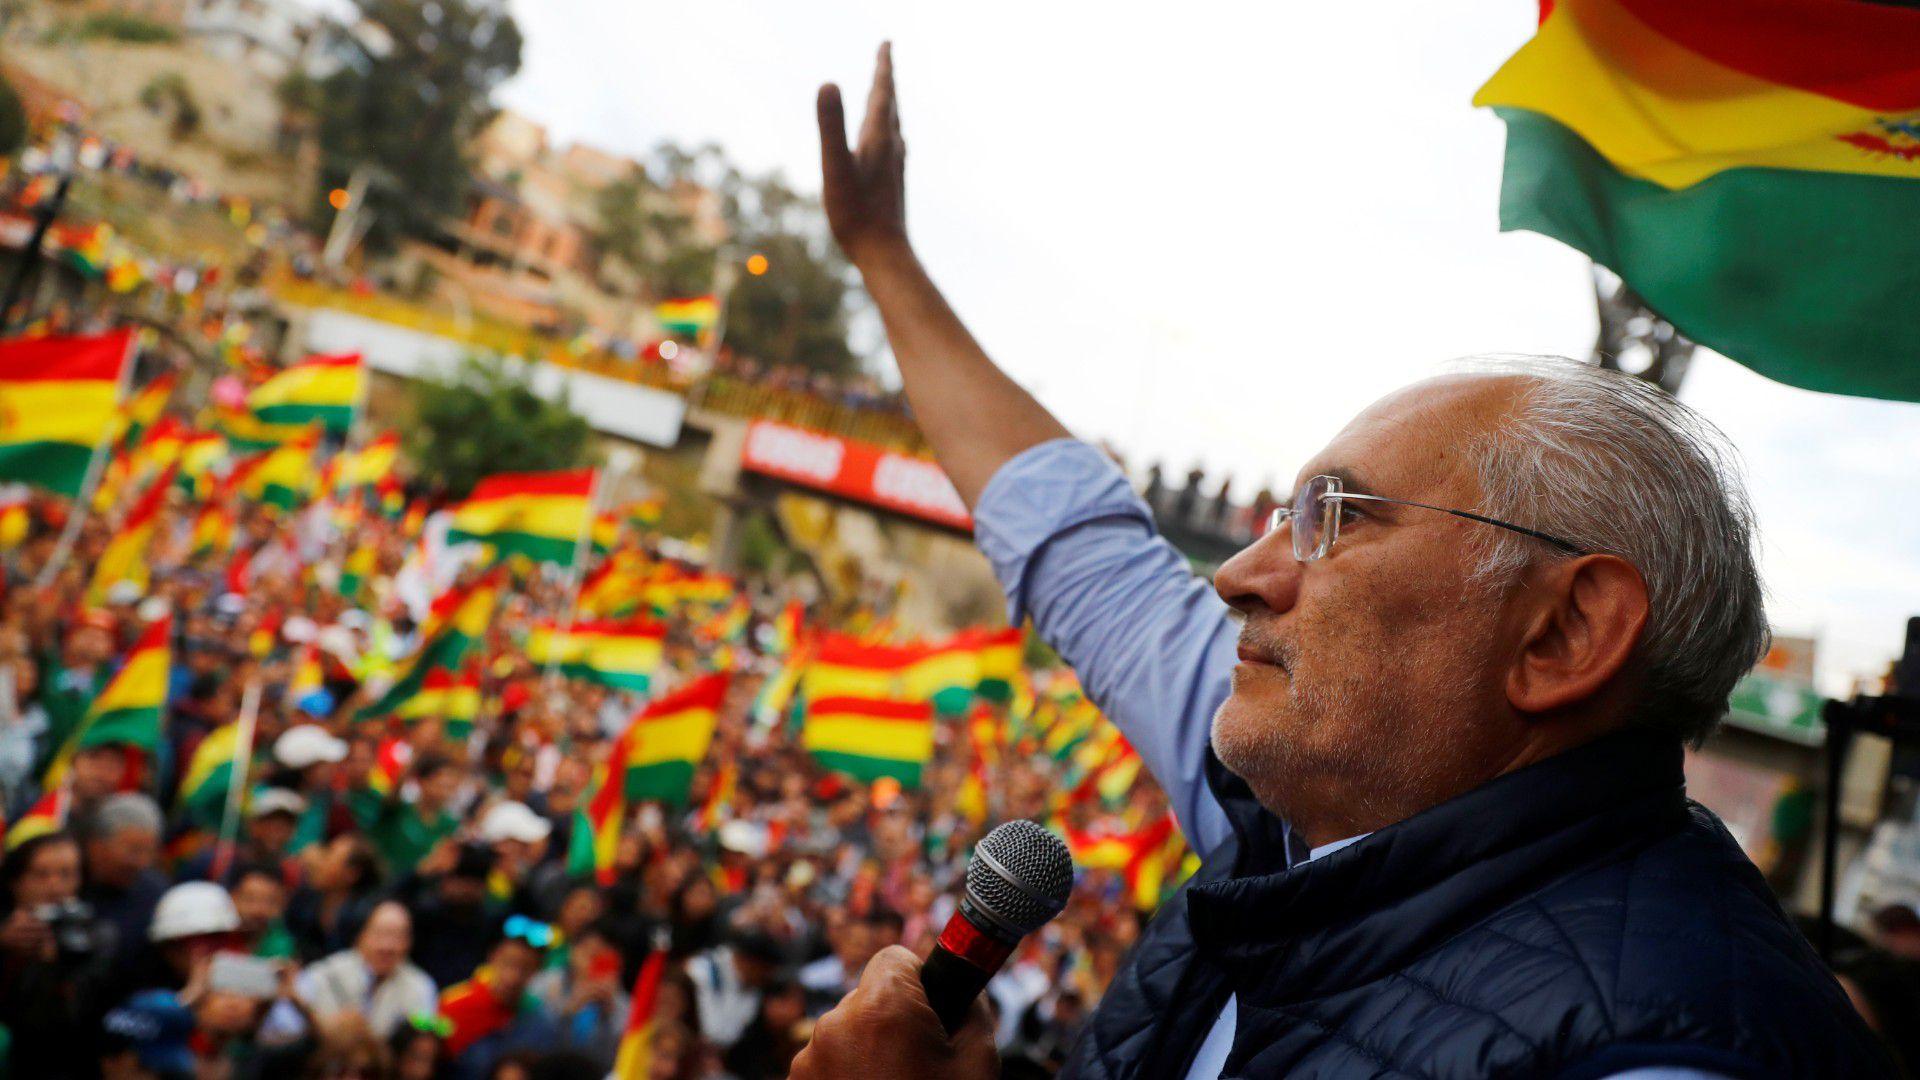 El candidato presidencial boliviano Carlos Mesa se dirige a sus partidarios durante un mitin en La Paz, Bolivia, el 28 de octubre de 2019. (REUTERS/Kai Pfaffenbach)